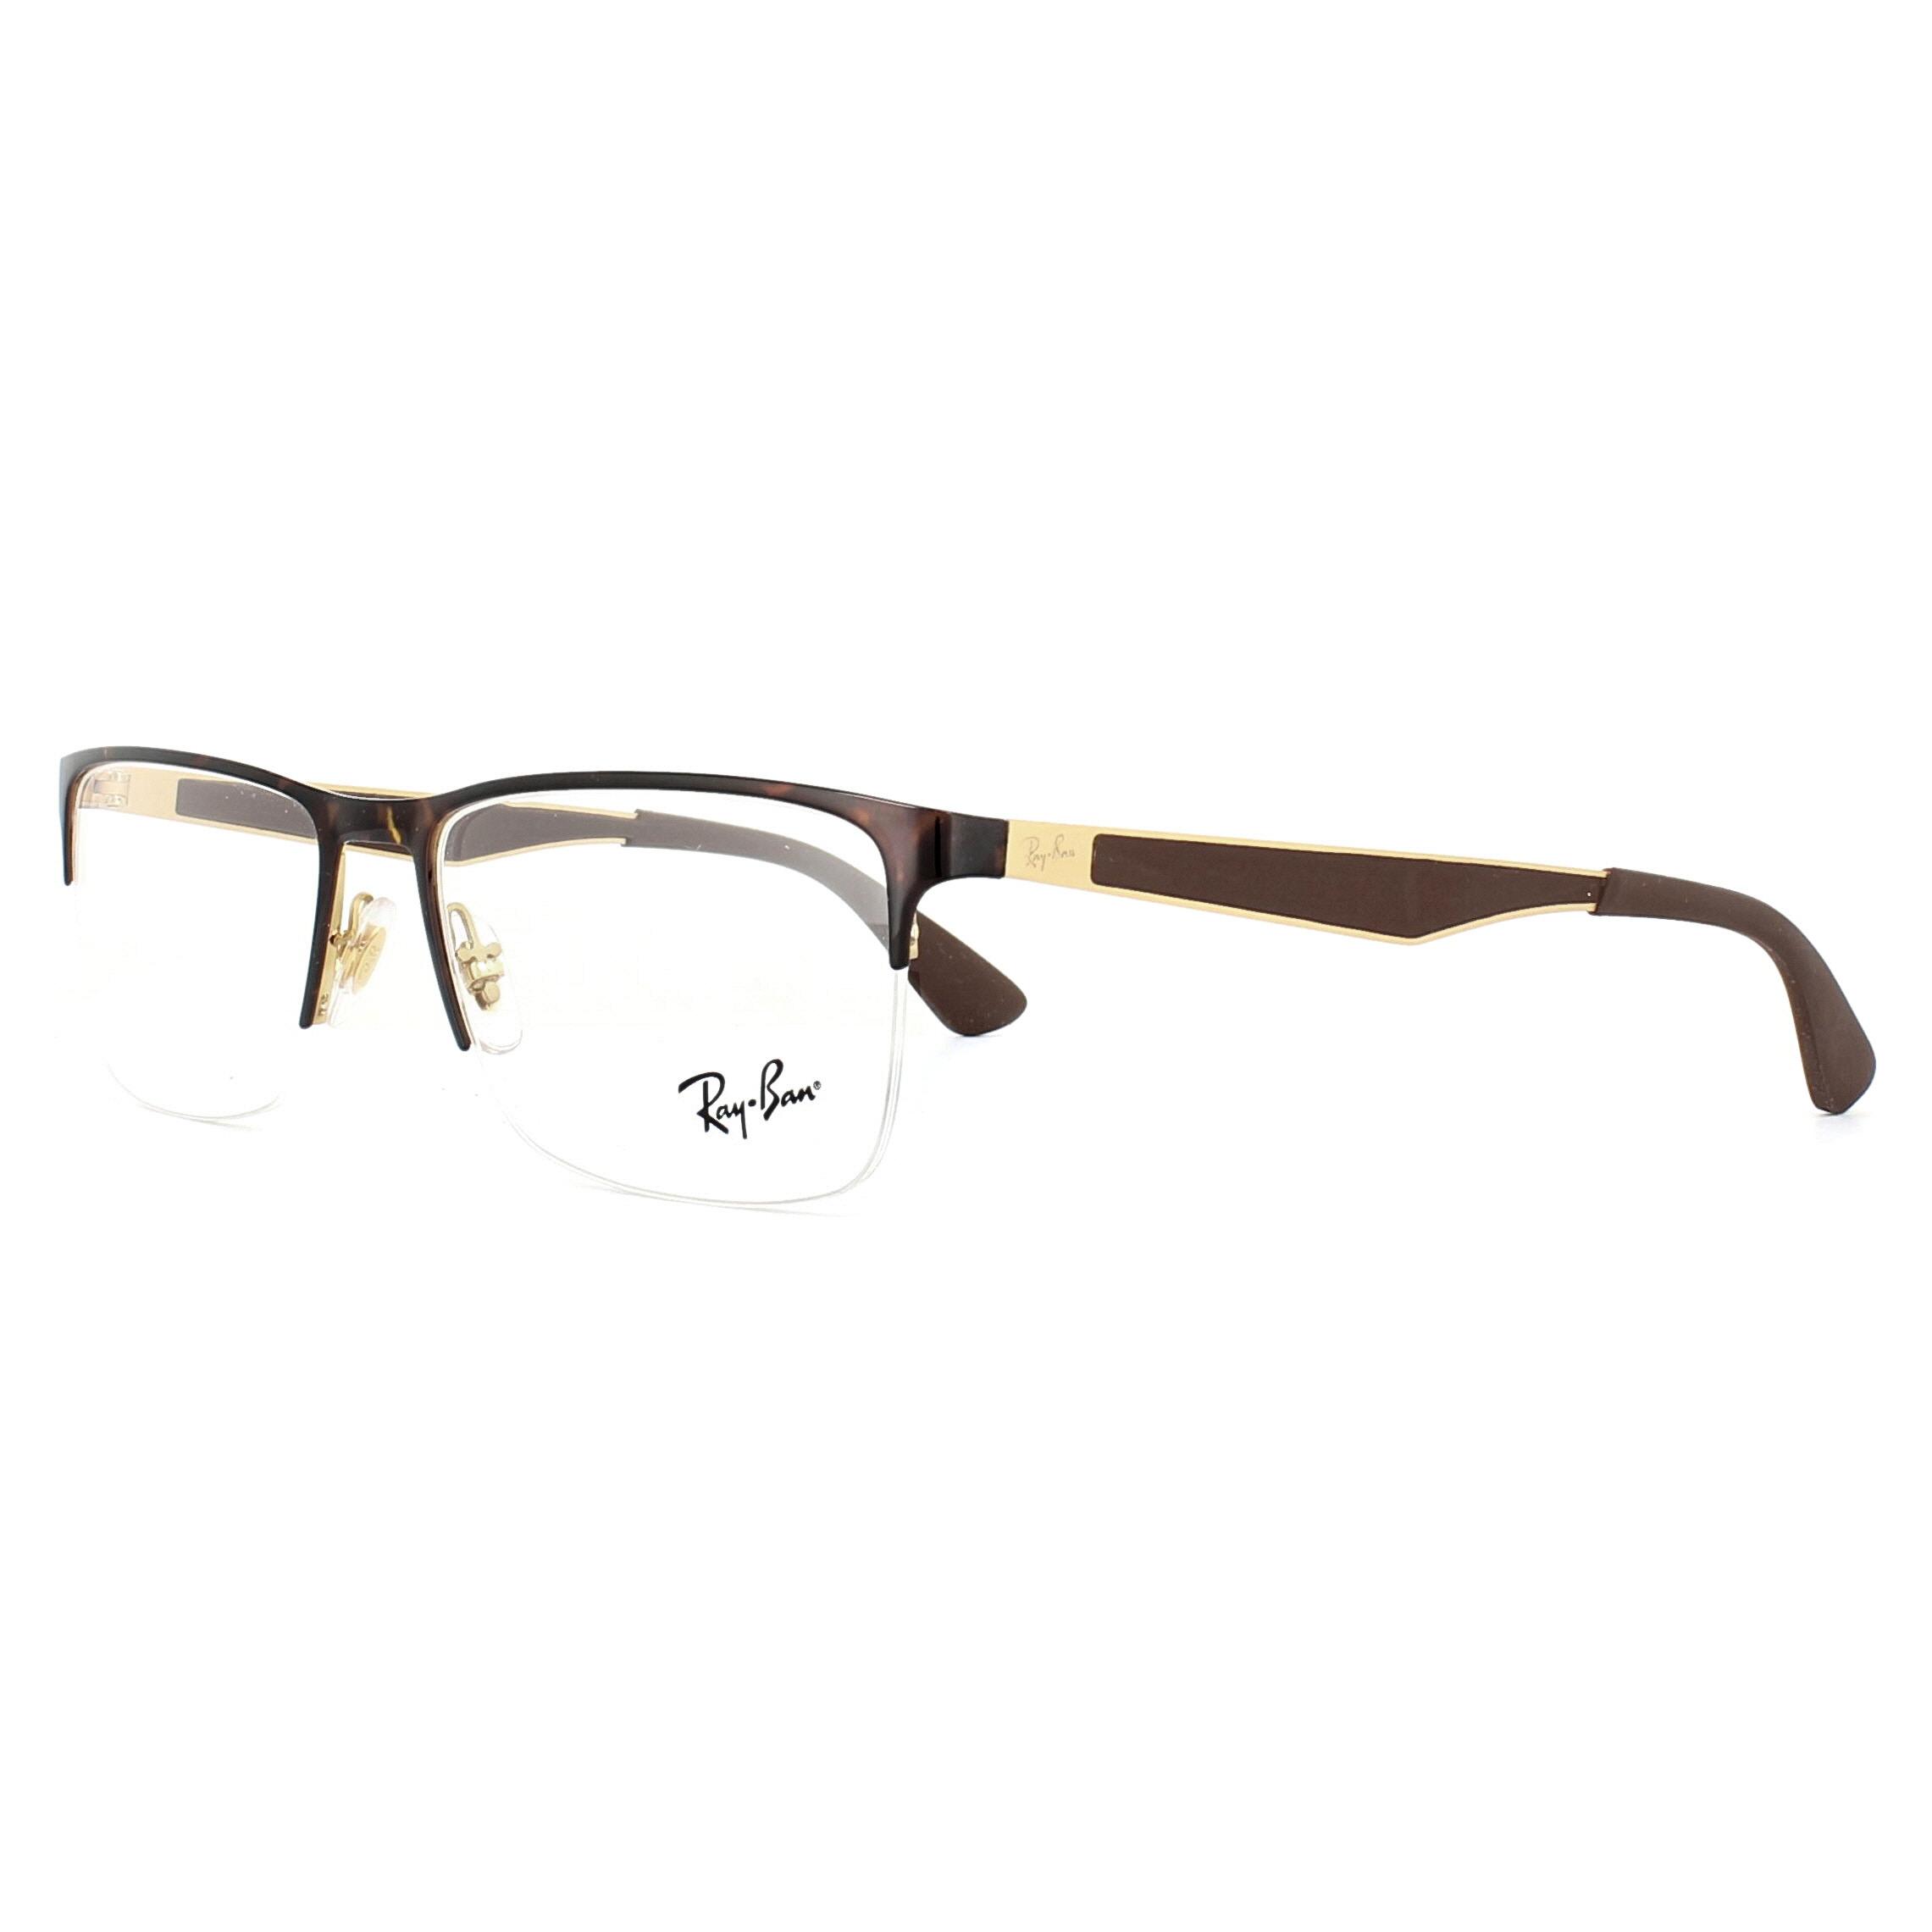 ray ban men's glasses frames